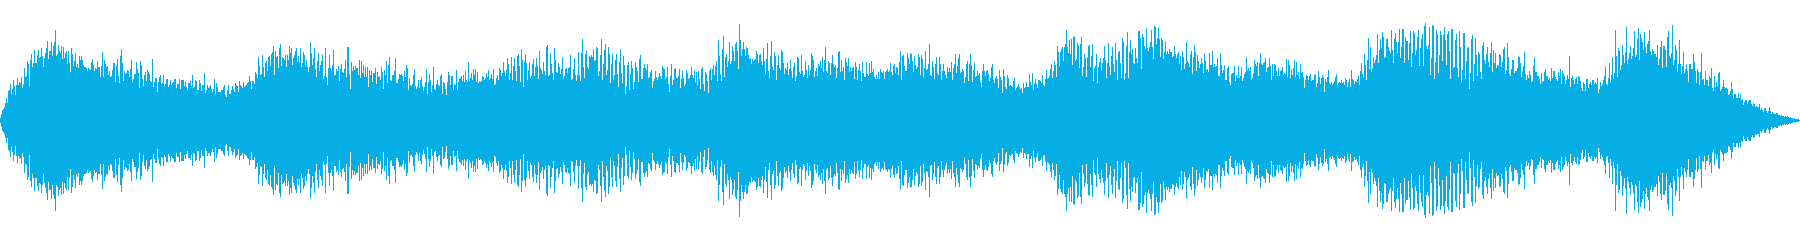 ヒグラシ(セミの鳴き声) の再生済みの波形